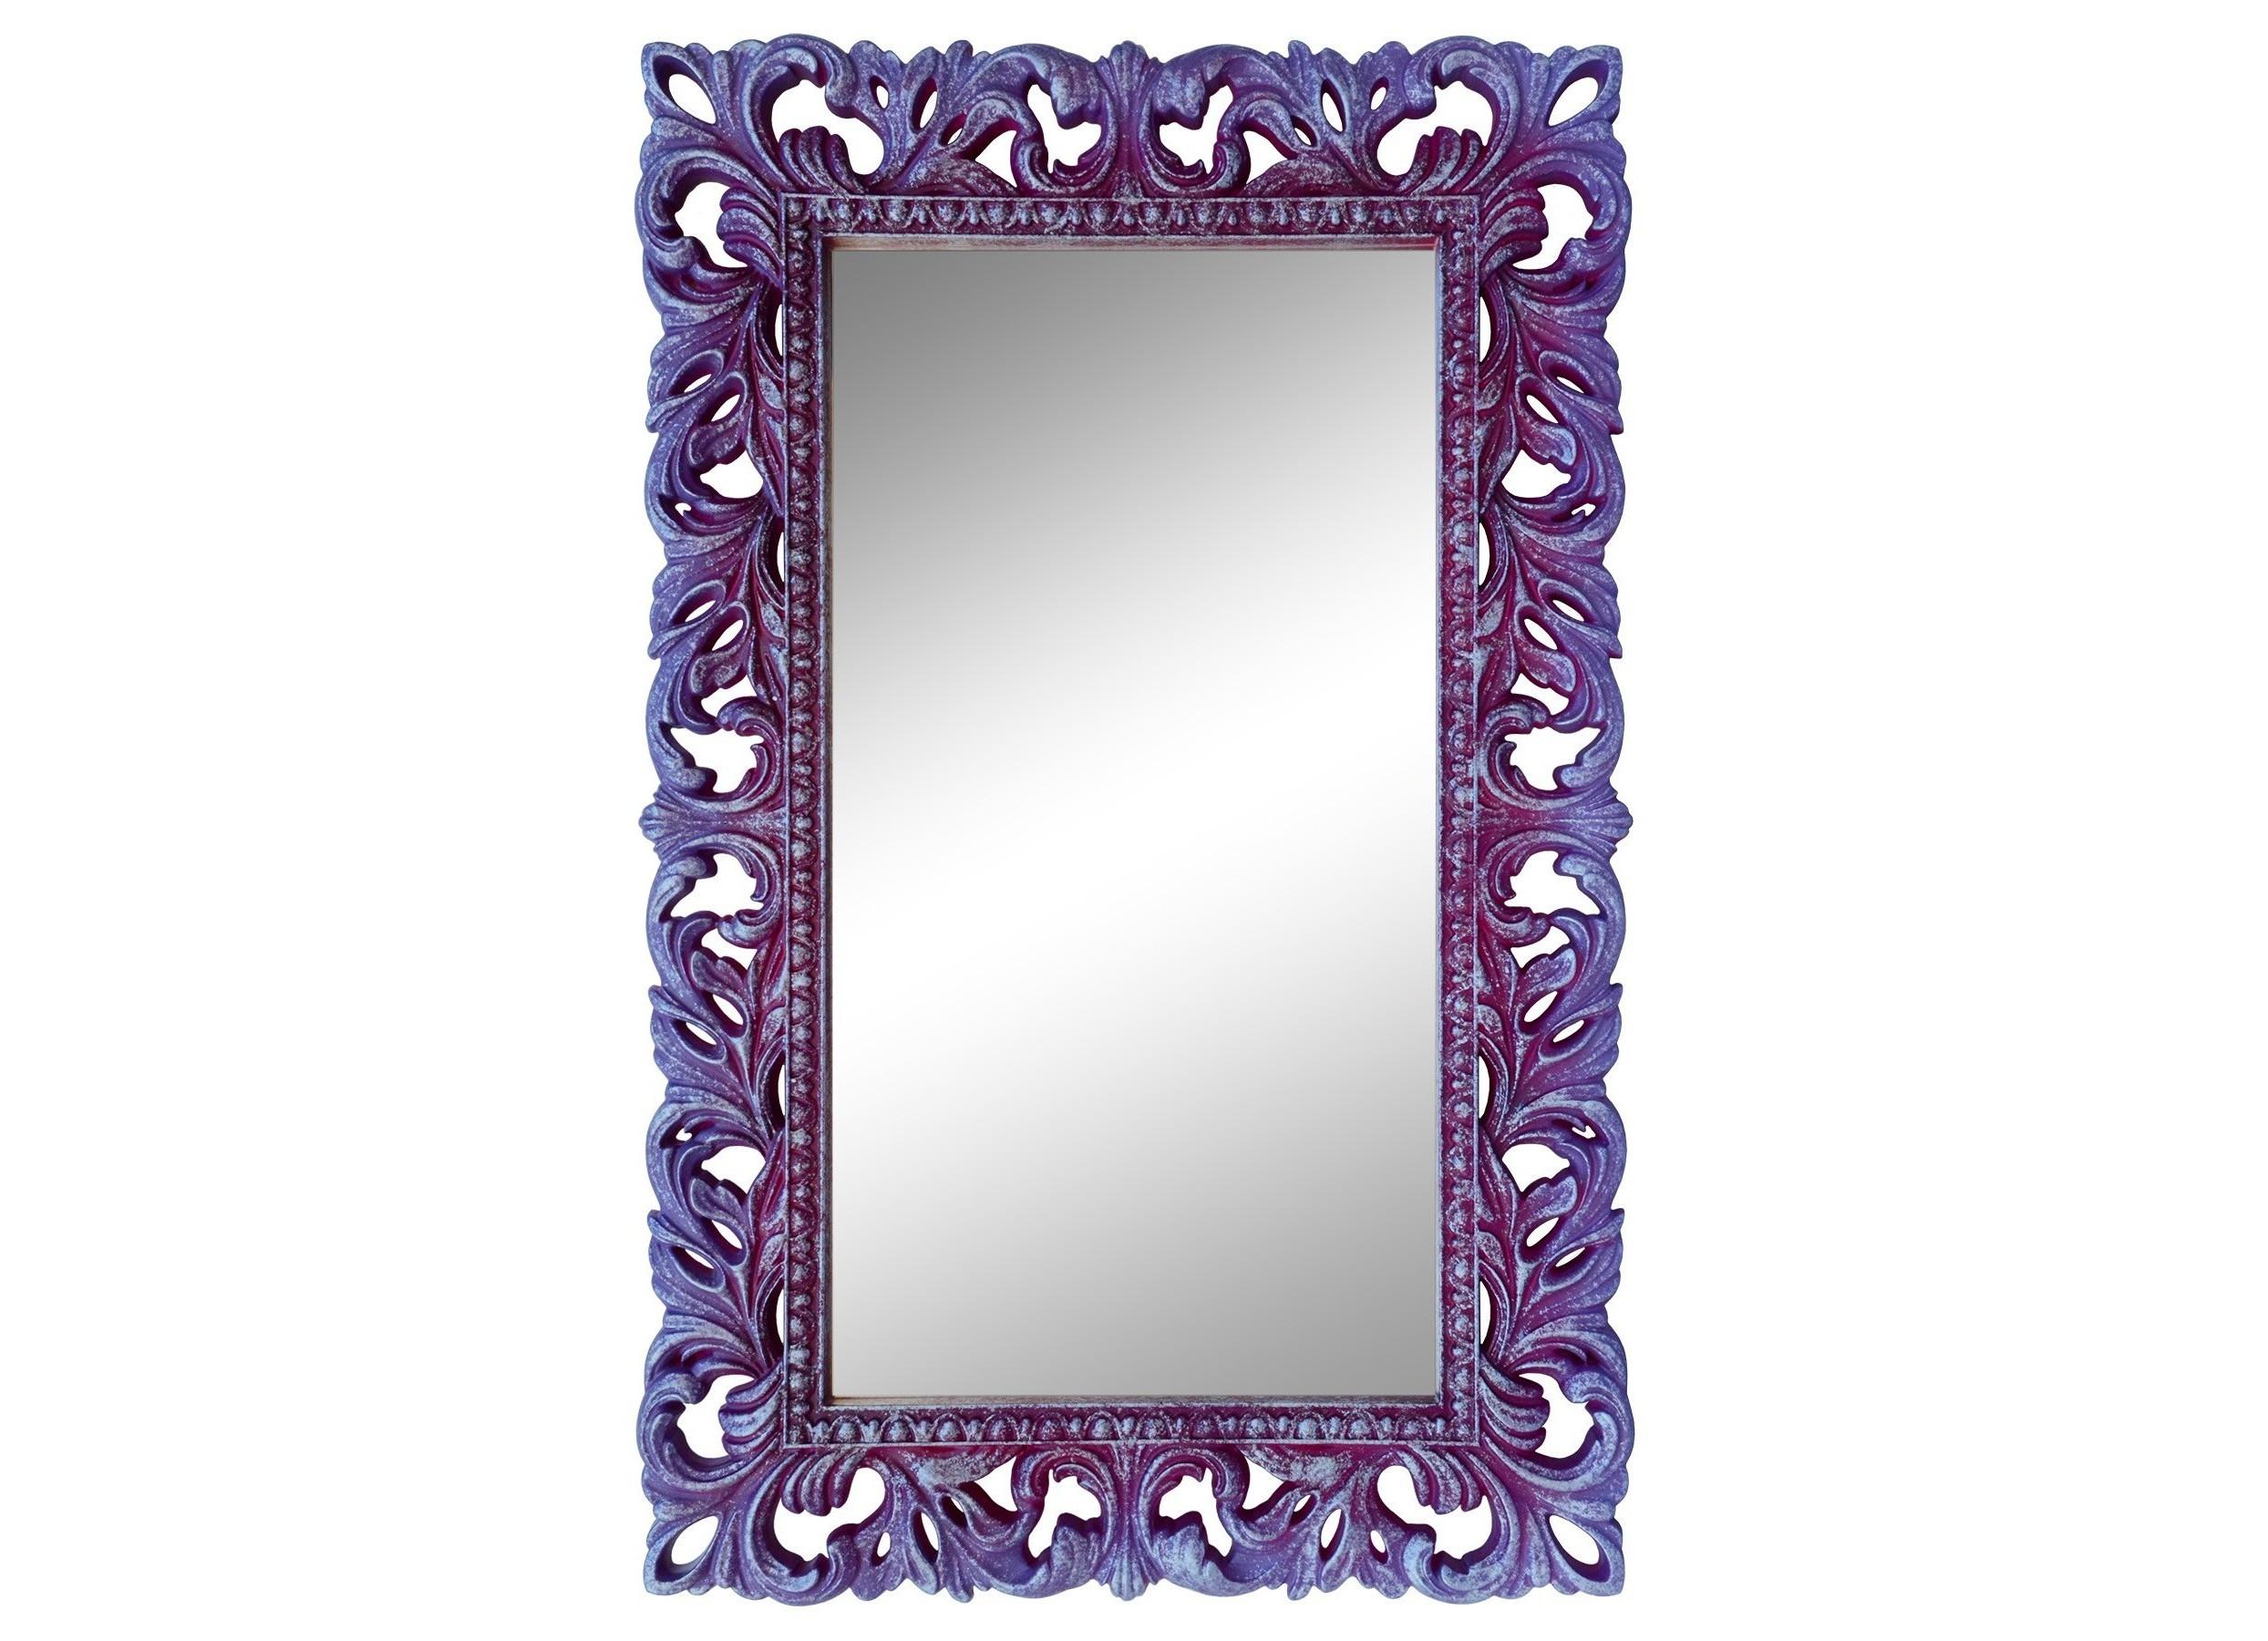 Интерьерное Итальянское зеркалоНастенные зеркала<br>&amp;lt;div&amp;gt;&amp;lt;div&amp;gt;Раме этого зеркала позавидуют шедевры Эрмитажа. Ее украшает сложная резьба, сделанная вручную по мебельному пенополиуретану ? материалу современному, подходящему для реализации даже самых сложных авторских задумок. Например ? имитации барочных узоров. Поверхность ППУ прочна и позволяет делать вещи на века, она твердая и не деформируется, отлично сохраняет лакокрасочное покрытие.&amp;lt;/div&amp;gt;&amp;lt;/div&amp;gt;&amp;lt;div&amp;gt;&amp;lt;br&amp;gt;&amp;lt;/div&amp;gt;&amp;lt;div&amp;gt;Цвет:&amp;amp;nbsp;Сирень Серебро&amp;lt;/div&amp;gt;<br><br>Material: Полиуретан<br>Length см: None<br>Width см: 63<br>Depth см: 4<br>Height см: 95